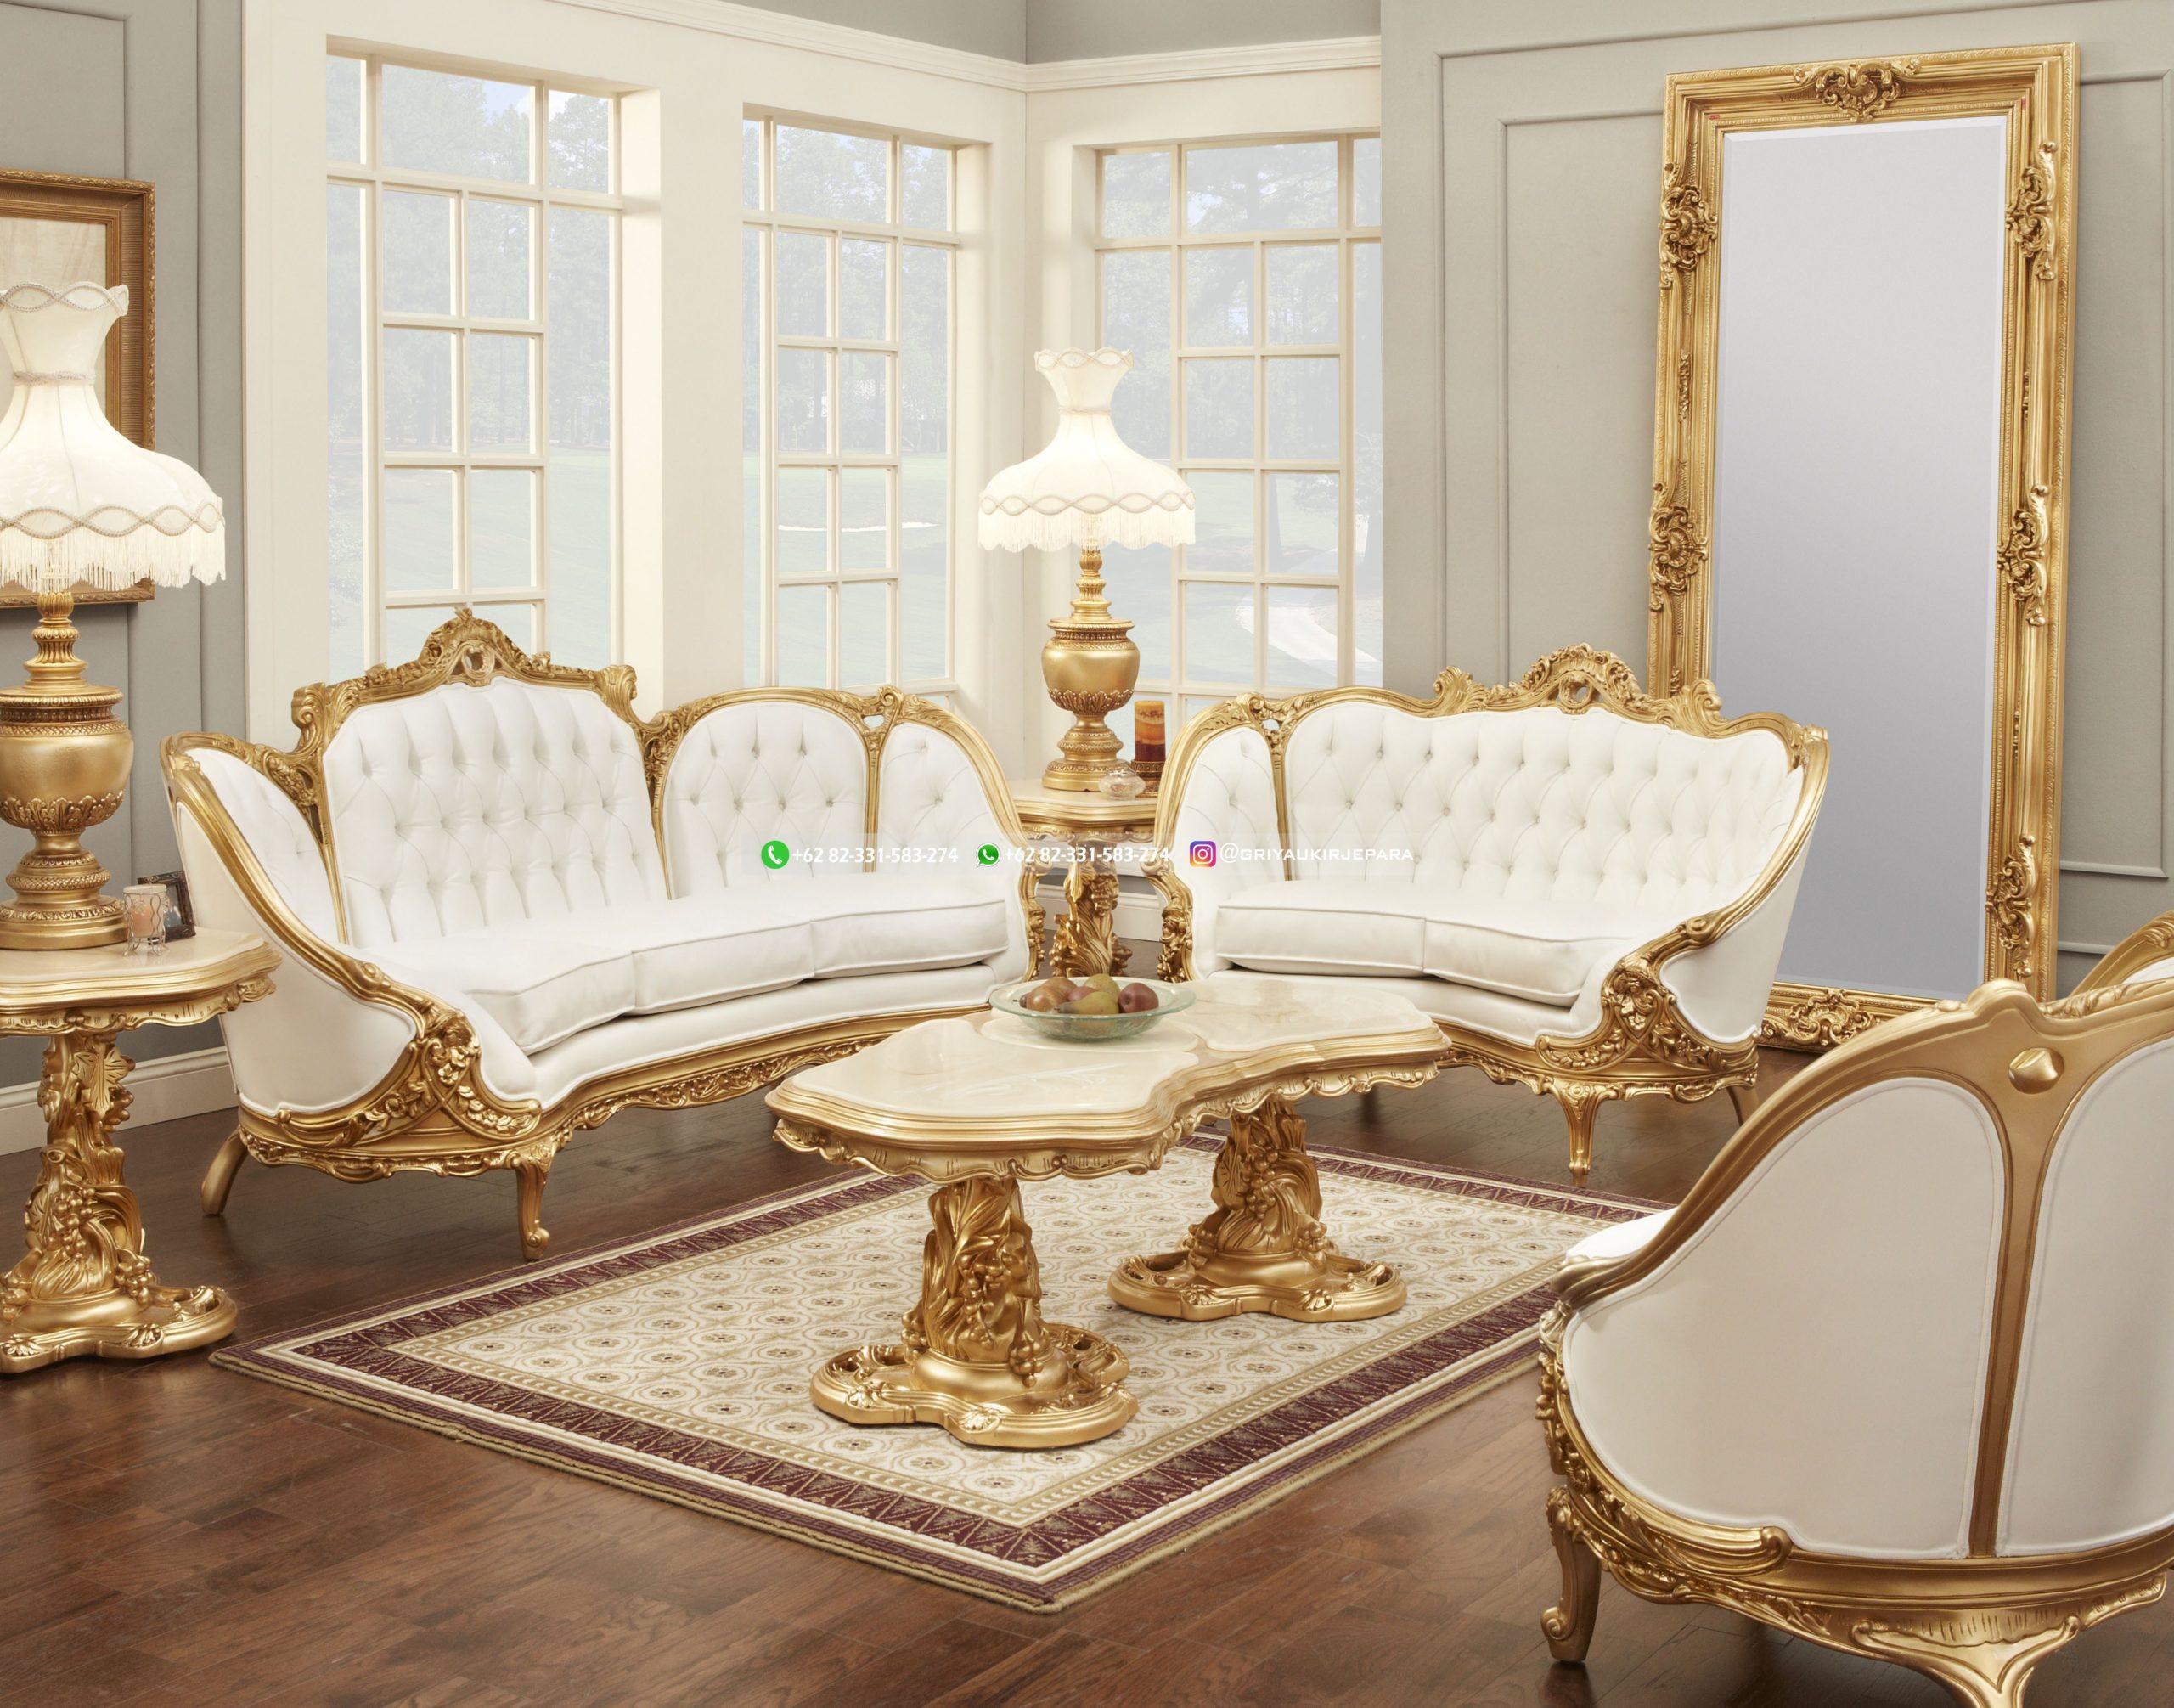 sofa ruang tamu jati mewah griya ukir jepara 59 scaled - sofa ruang tamu jati mewah griya ukir jepara (88)